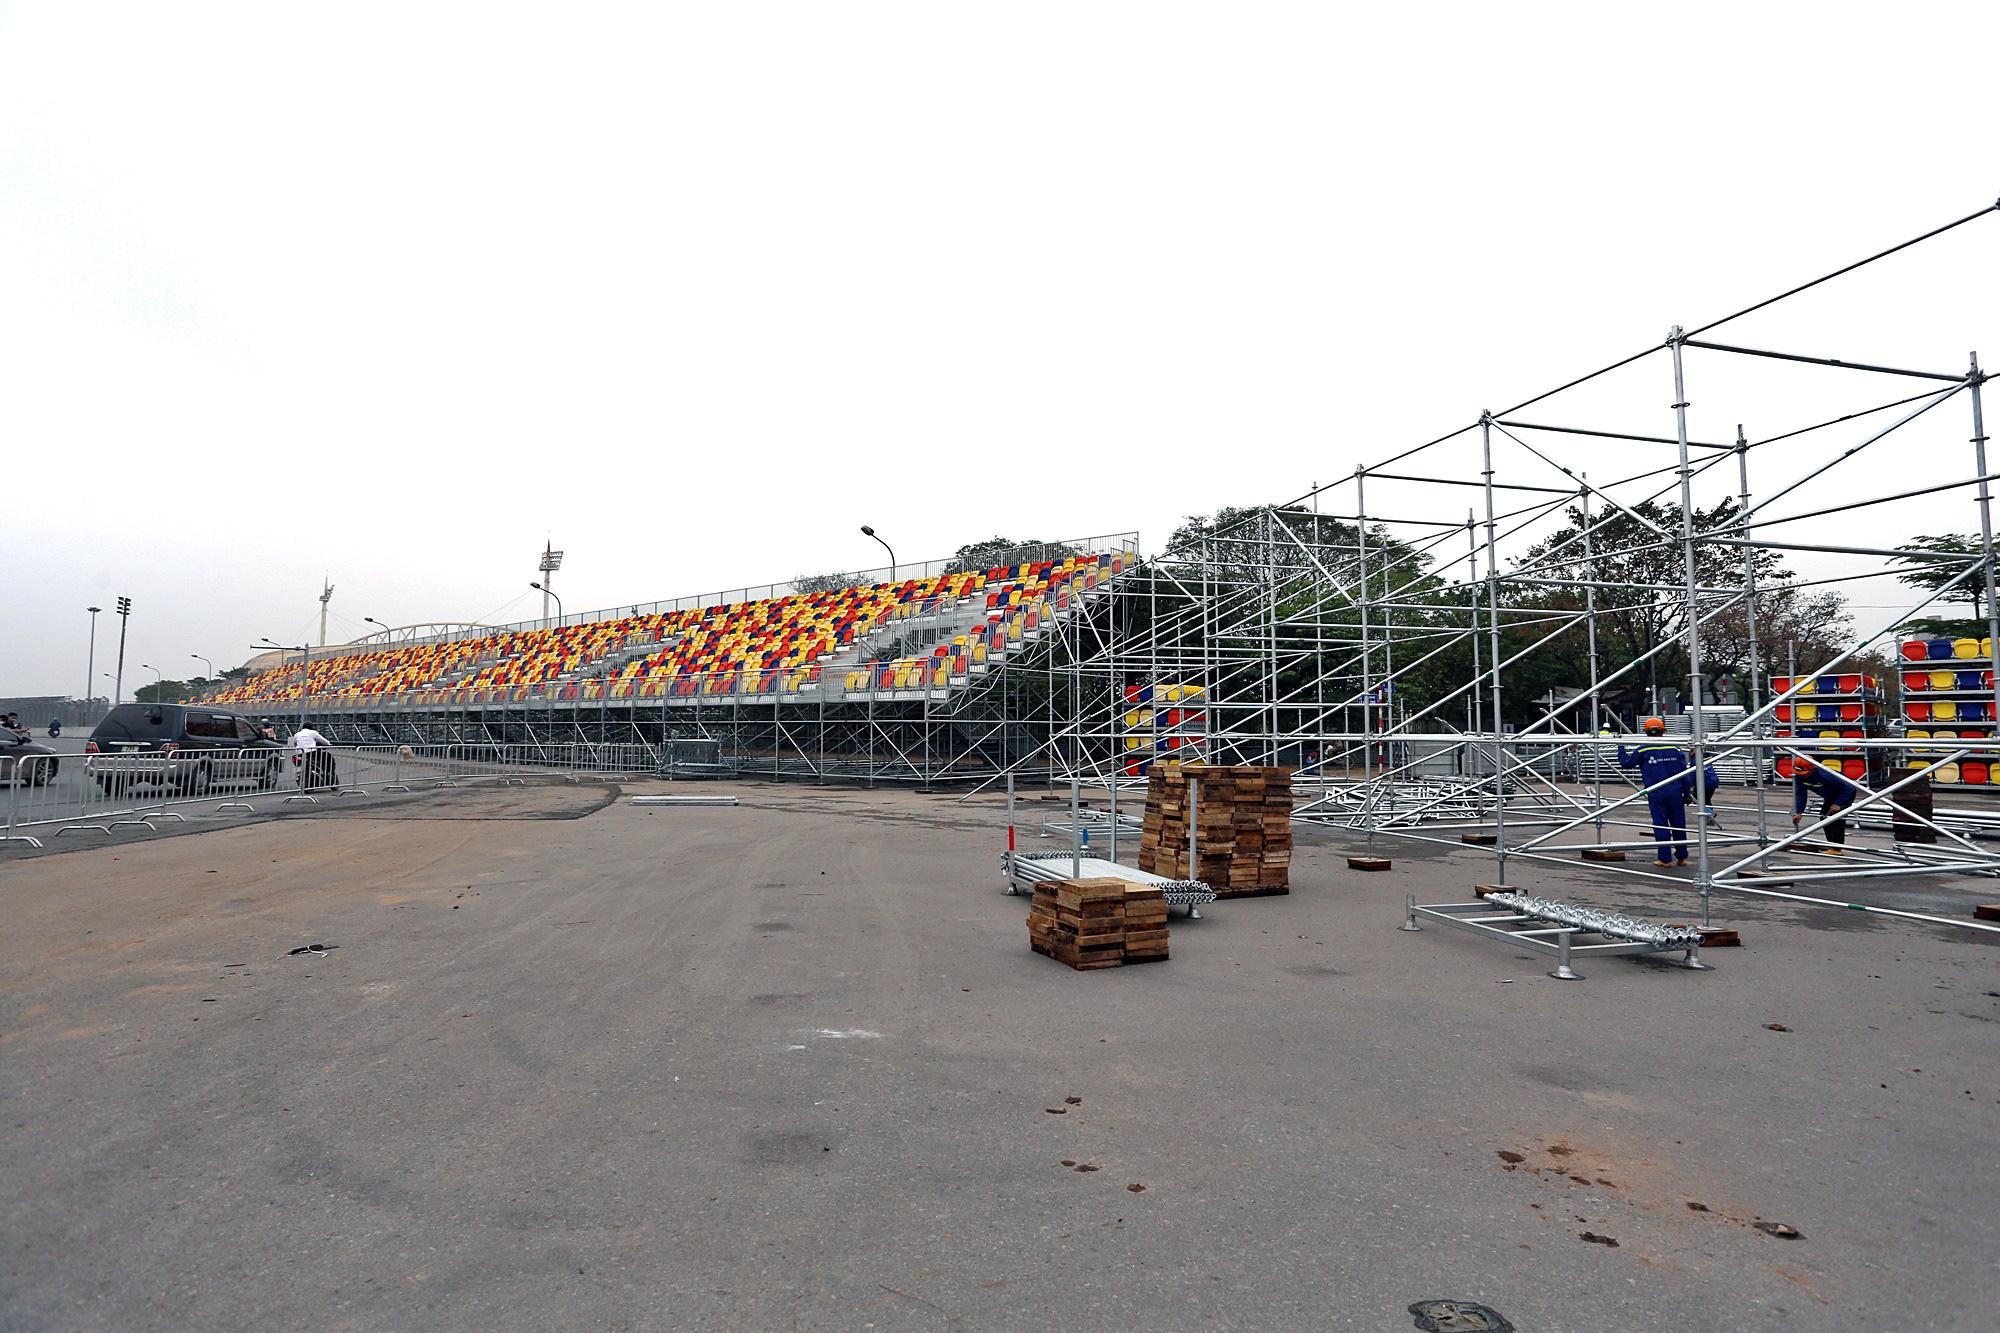 Hoãn đua F1 Hà Nội vì dịch Covid-19, khán đài di động bị tháo dỡ - Ảnh 4.